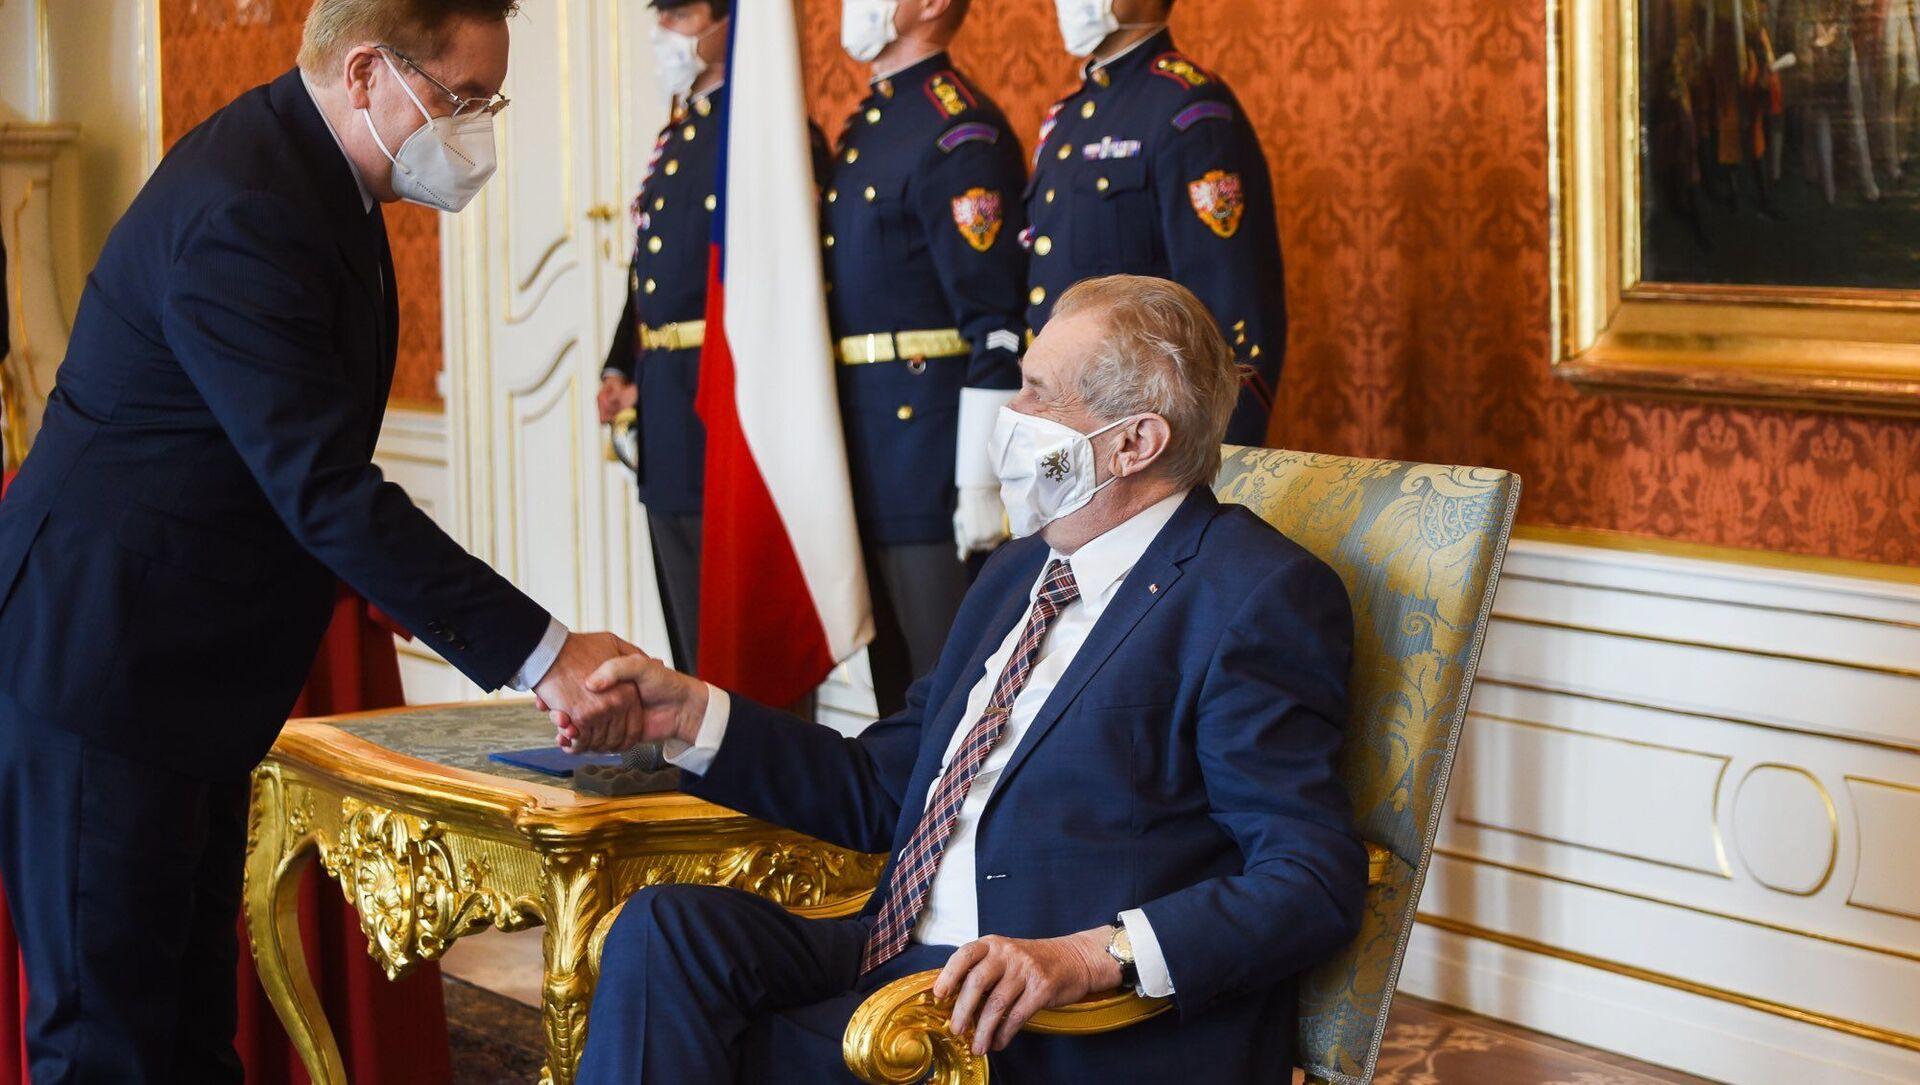 Prezident republiky Miloš Zeman jmenoval Petra Arenbergera ministrem zdravotnictví. - Sputnik Česká republika, 1920, 15.04.2021